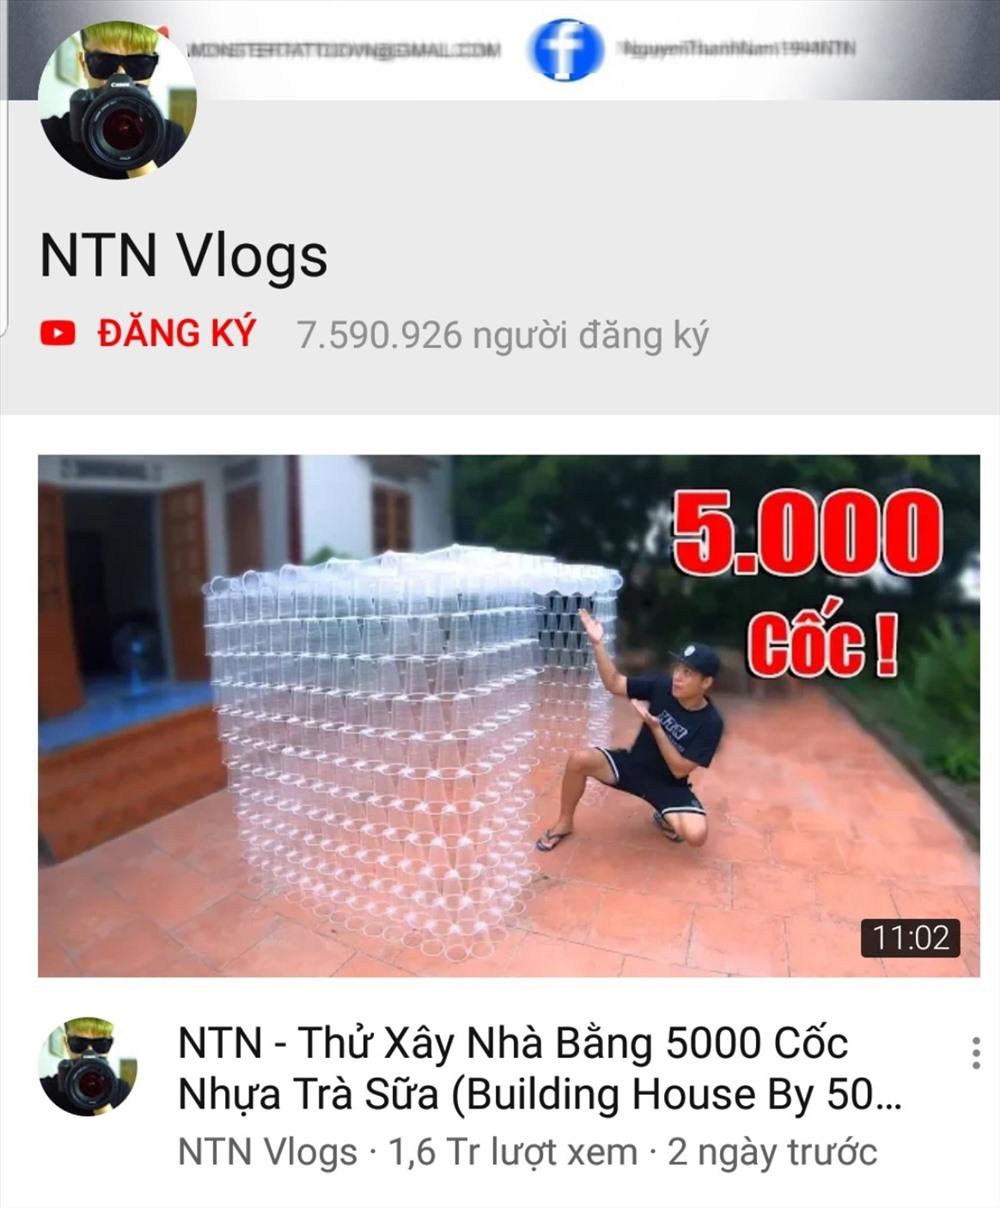 Hiện tại, video này đã đạt hơn 1,6 triệu lượt xem trên YouTube. Phần bình luận của Video đã được vô hiệu hóa.